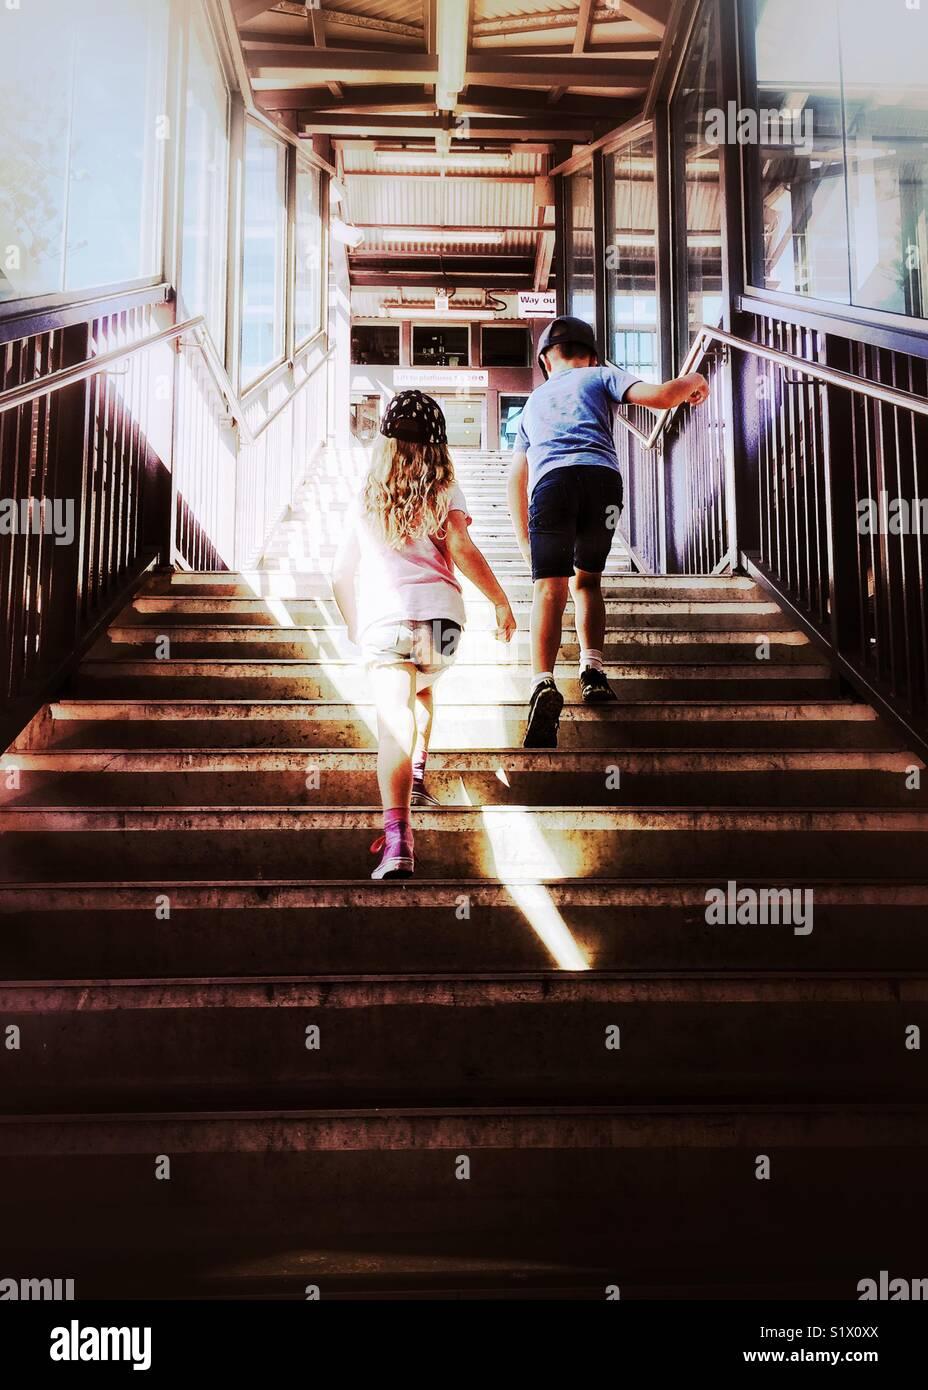 Deux enfants monter les escaliers à la gare. Jeune garçon et fille à pied jusqu'à l'escalier Photo Stock